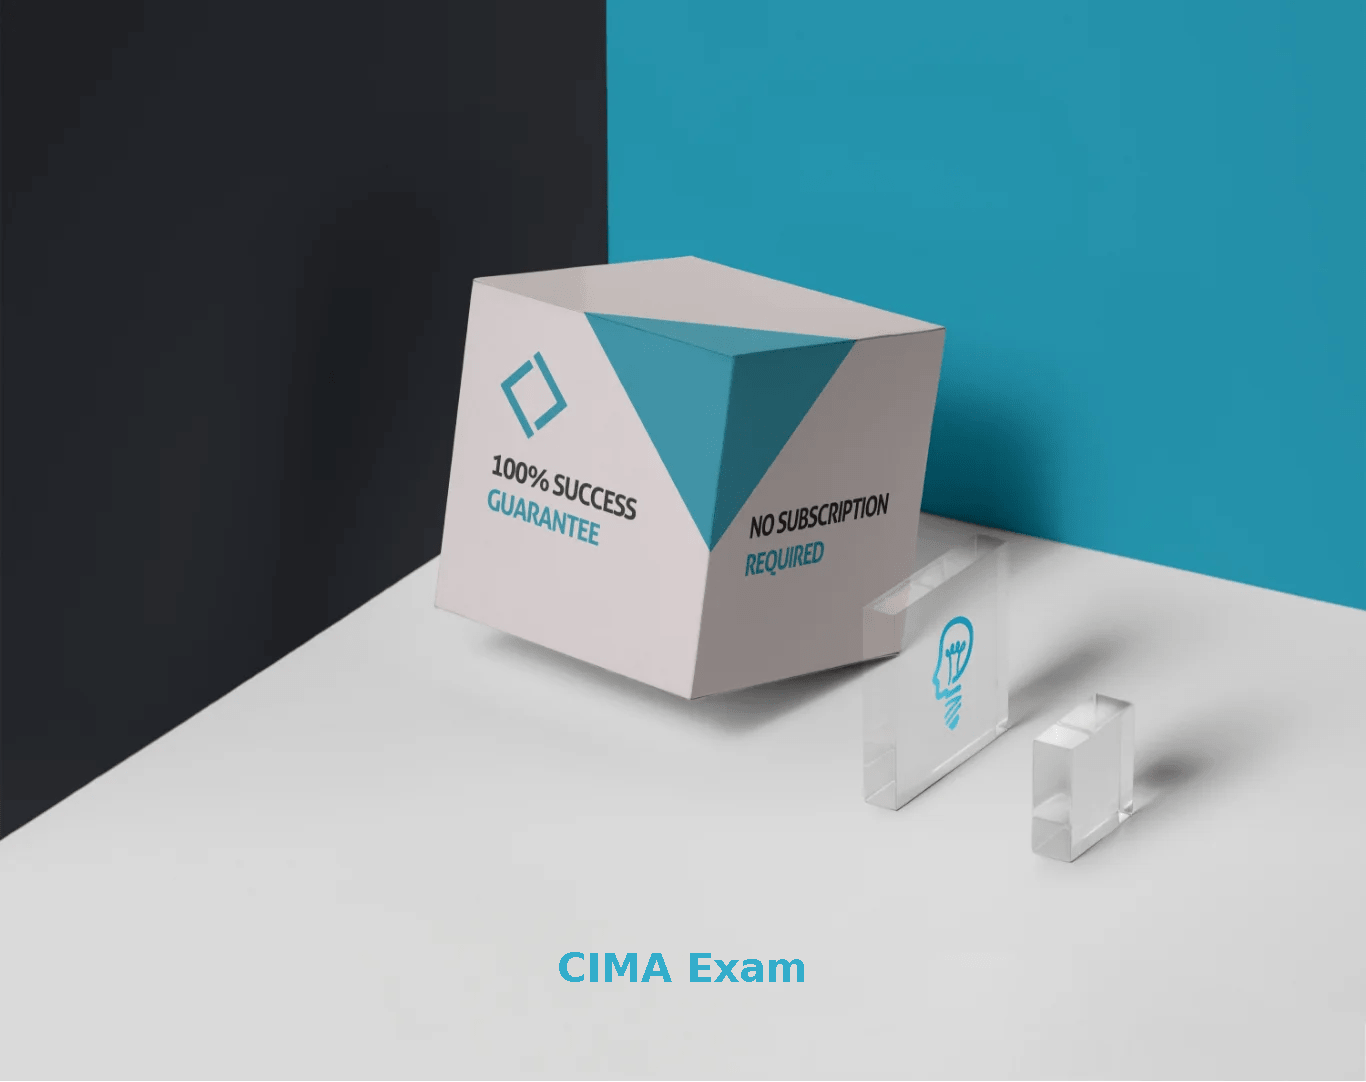 CIMA Exam Dumps